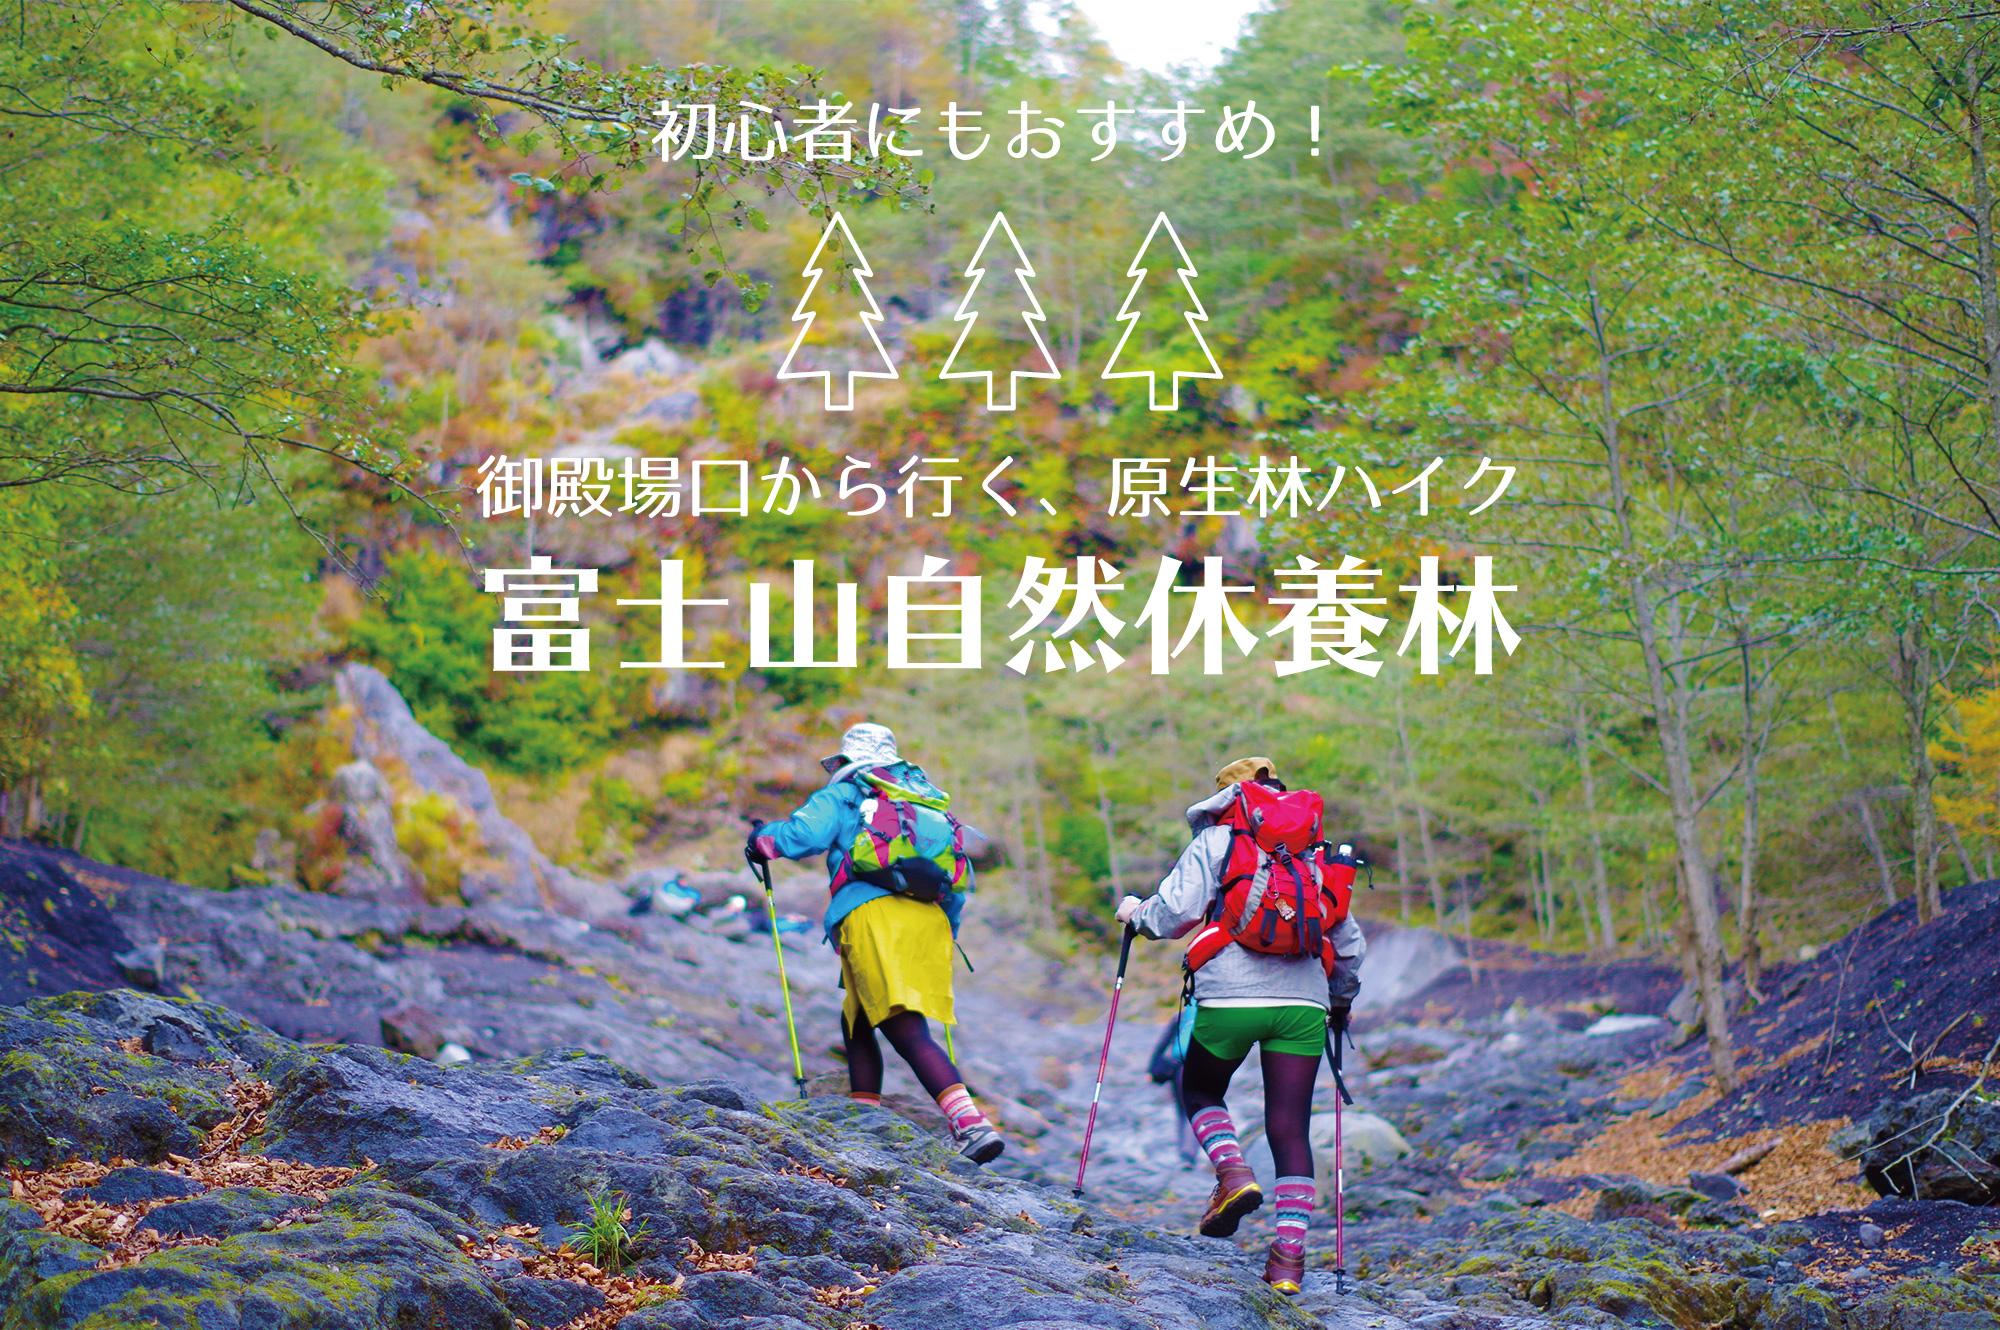 御殿場口から行く原生林ハイク富士山自然休養林おすすめコース